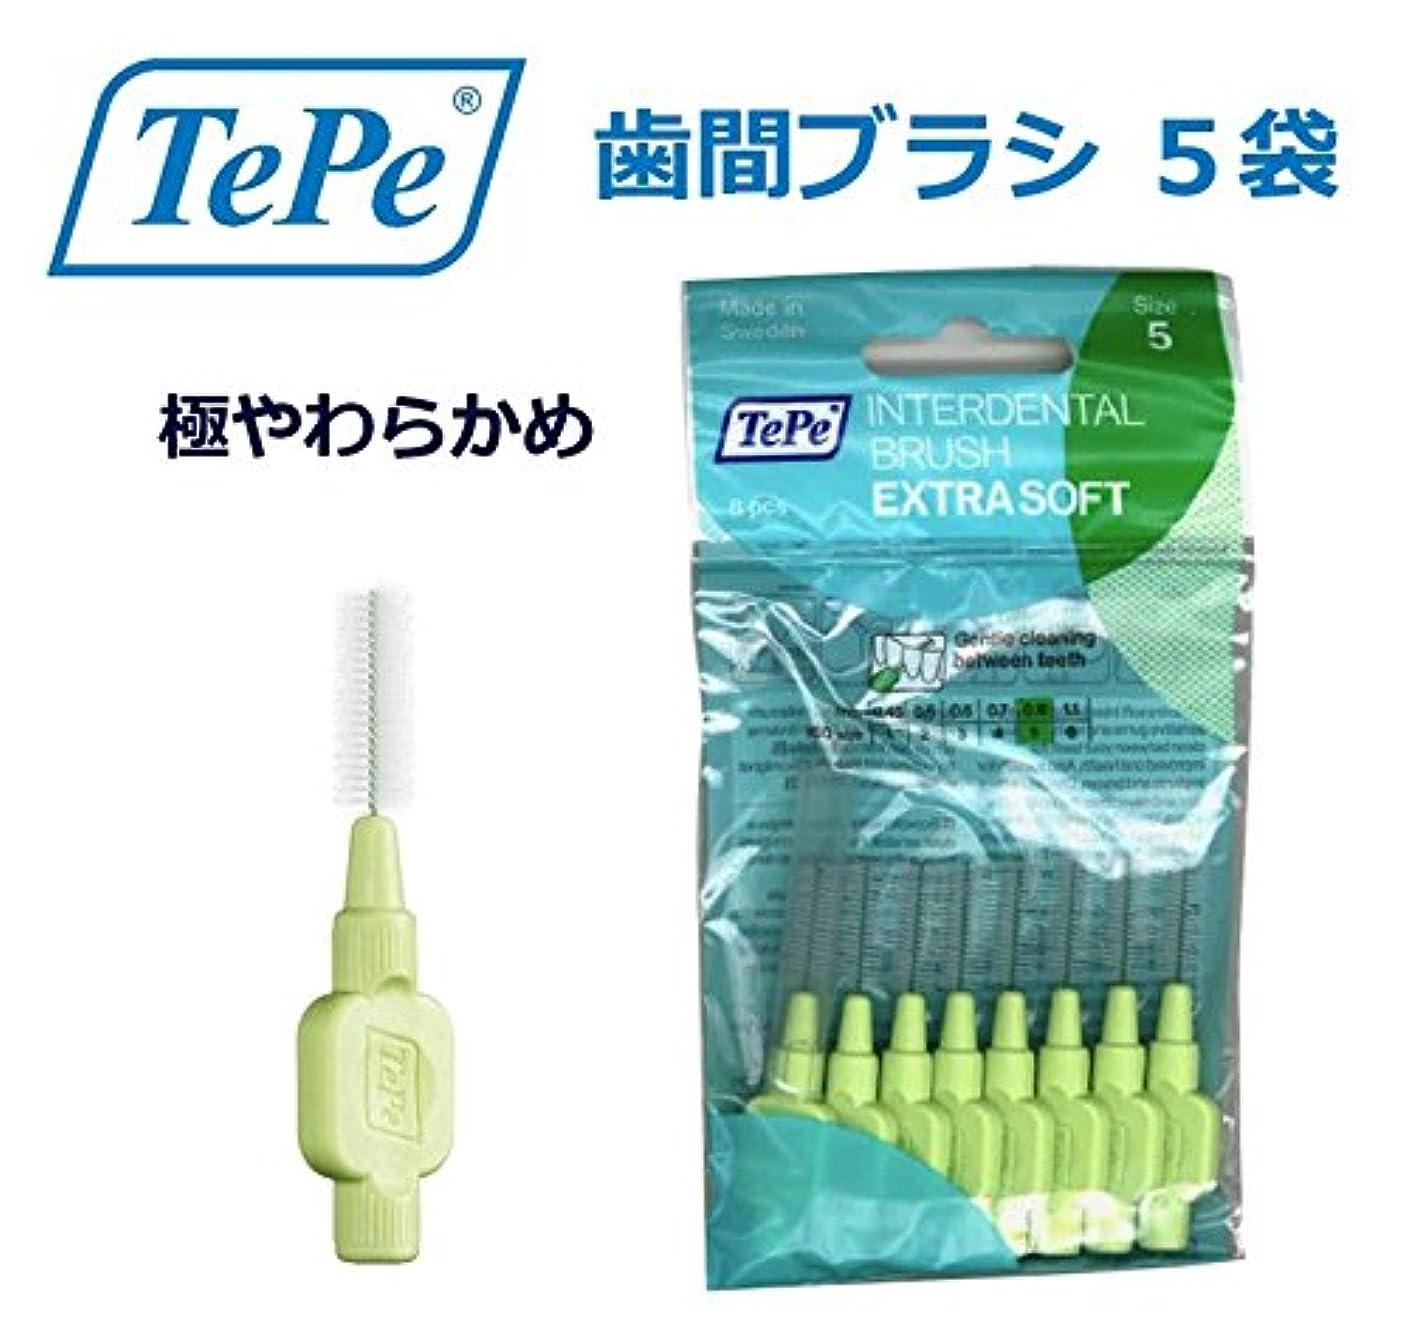 フェザー音楽材料テペ 歯間ブラシ 極やわらかめ(エクストラソフト) 0.8mm 5袋